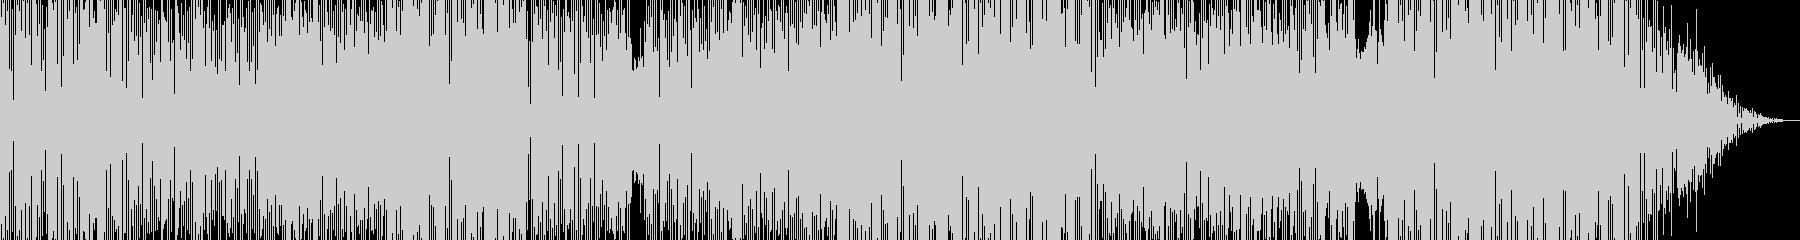 反復的な「ノイズの多いベース」ライ...の未再生の波形